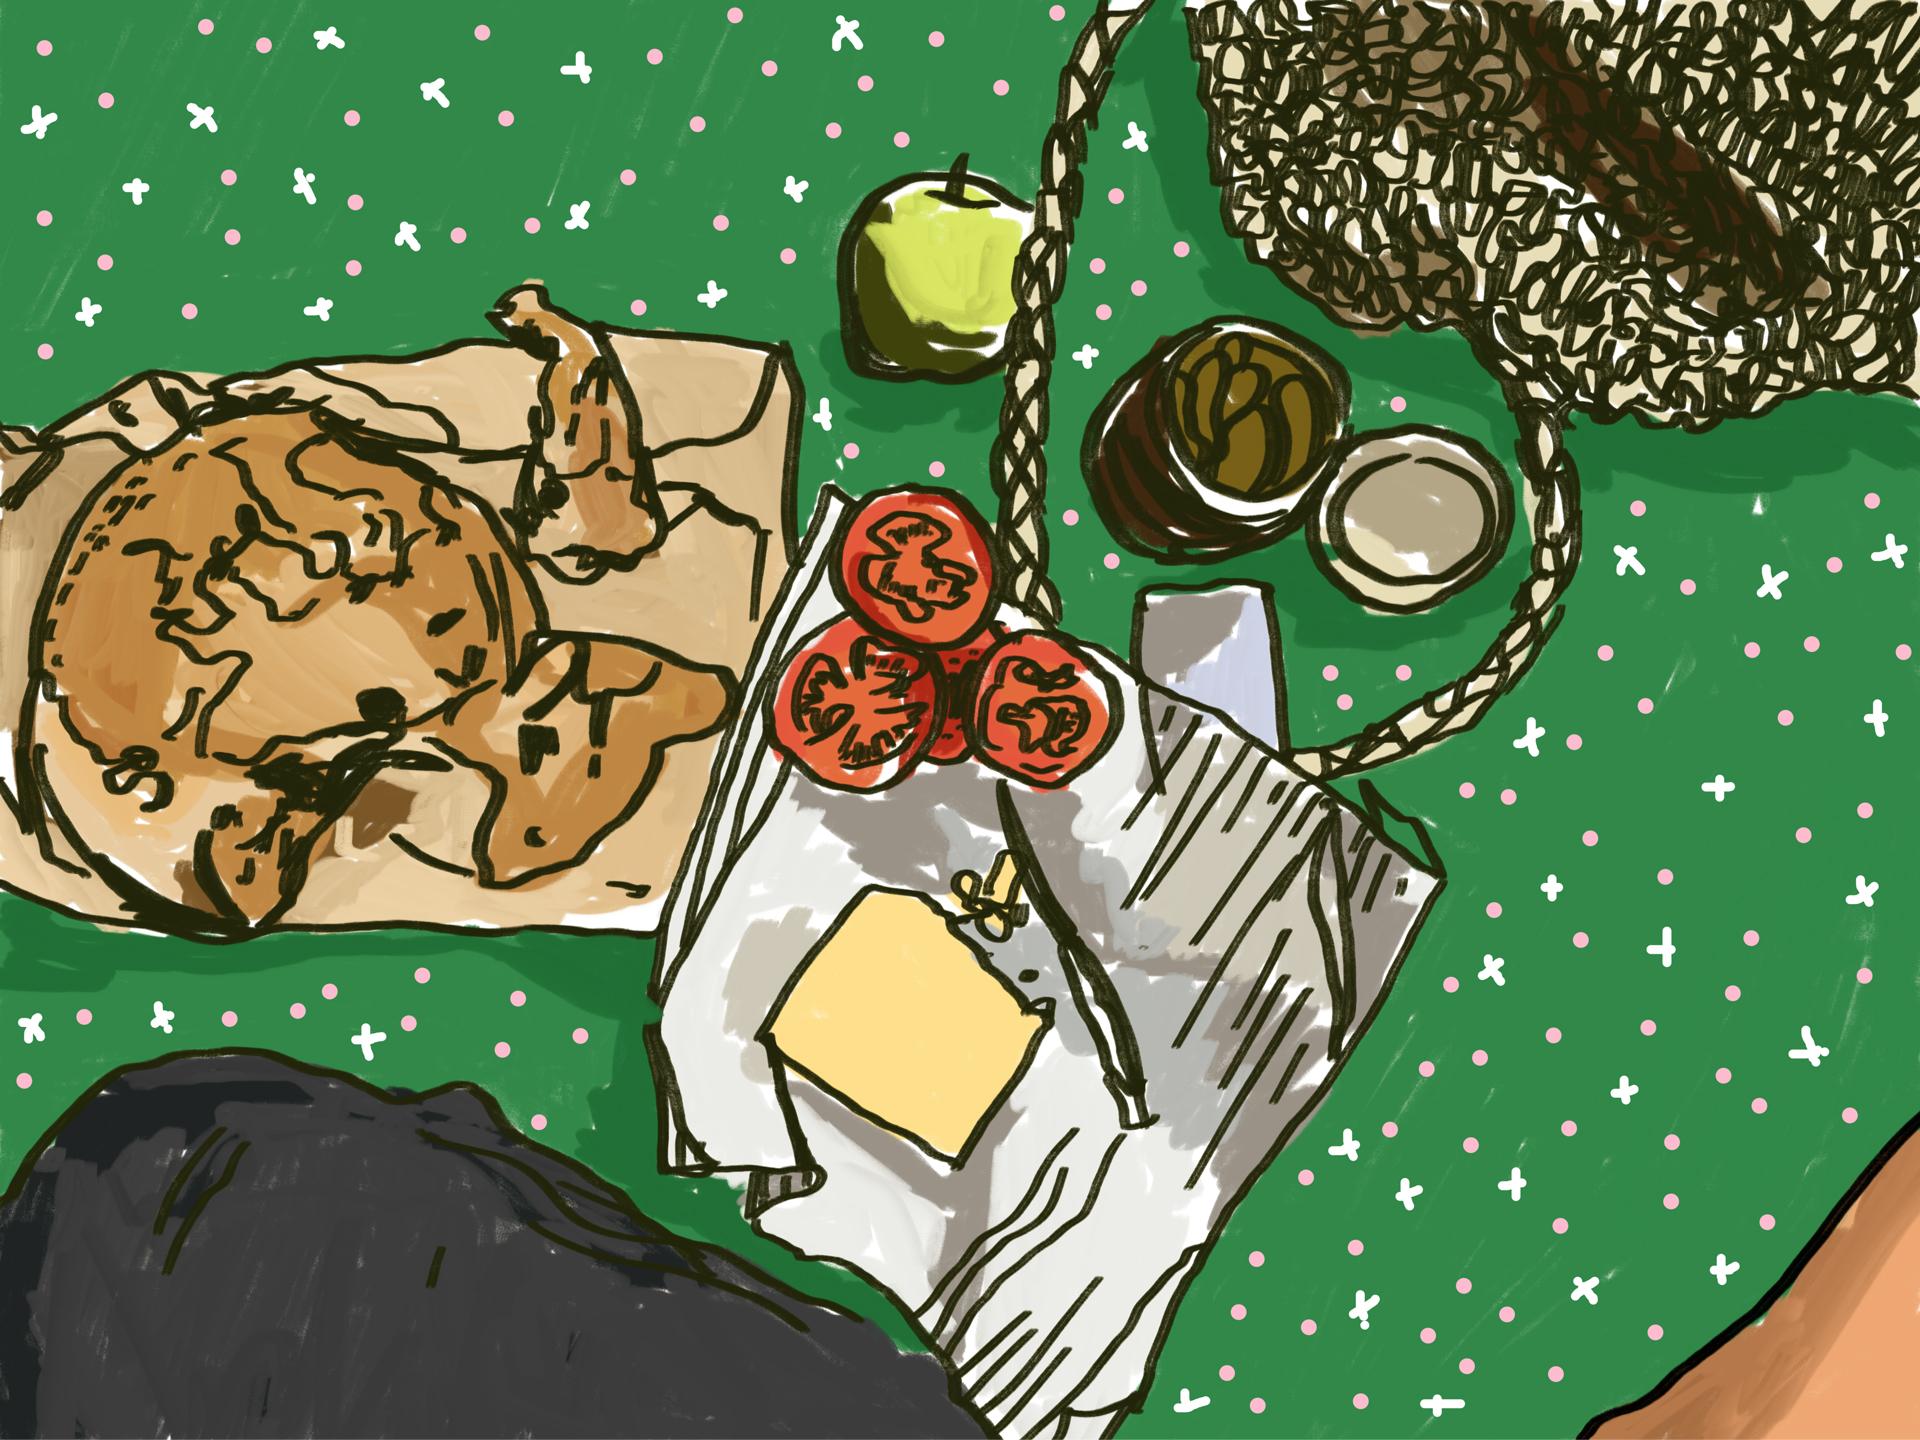 Plated-Poems-Healesville-picnic-Miriam-McWilliam-Studio-Mimi-Moon